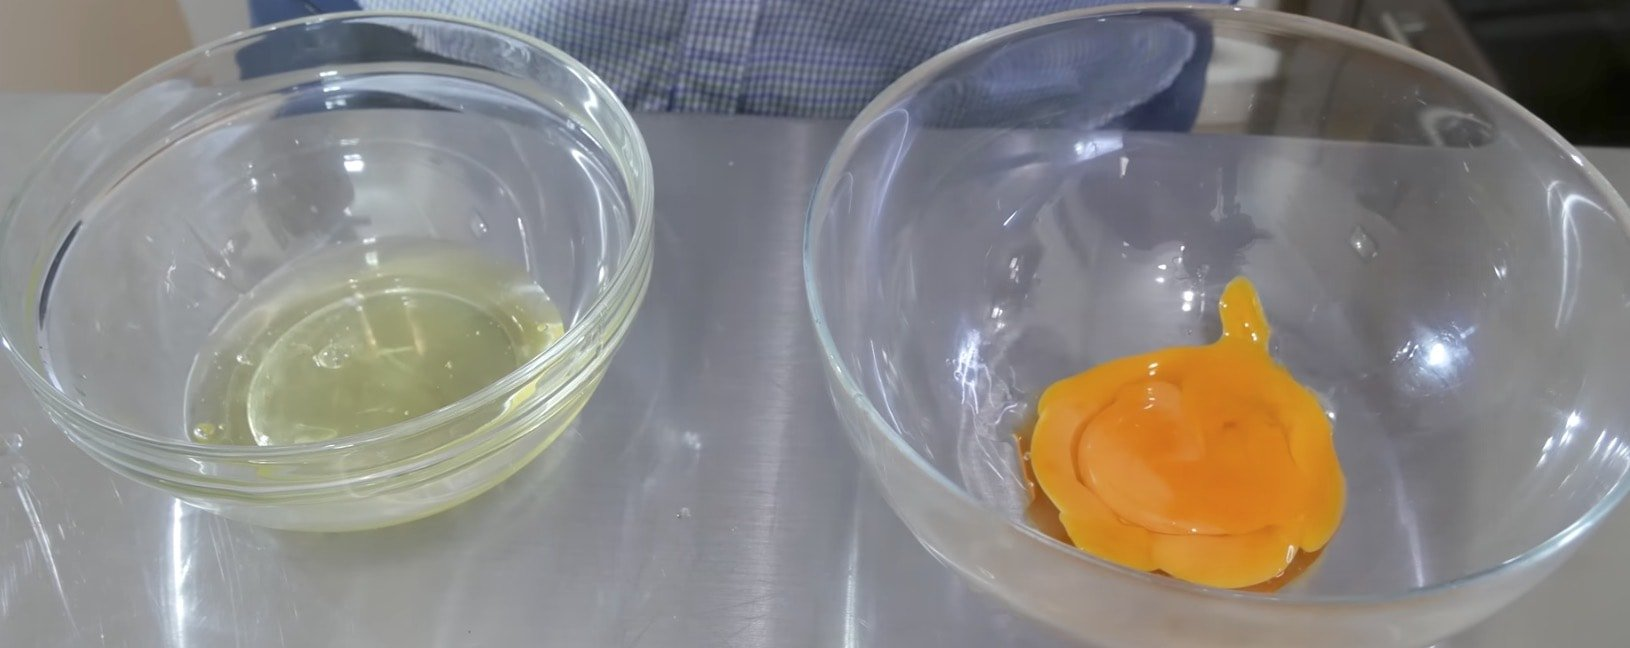 Белки отделить от желтков